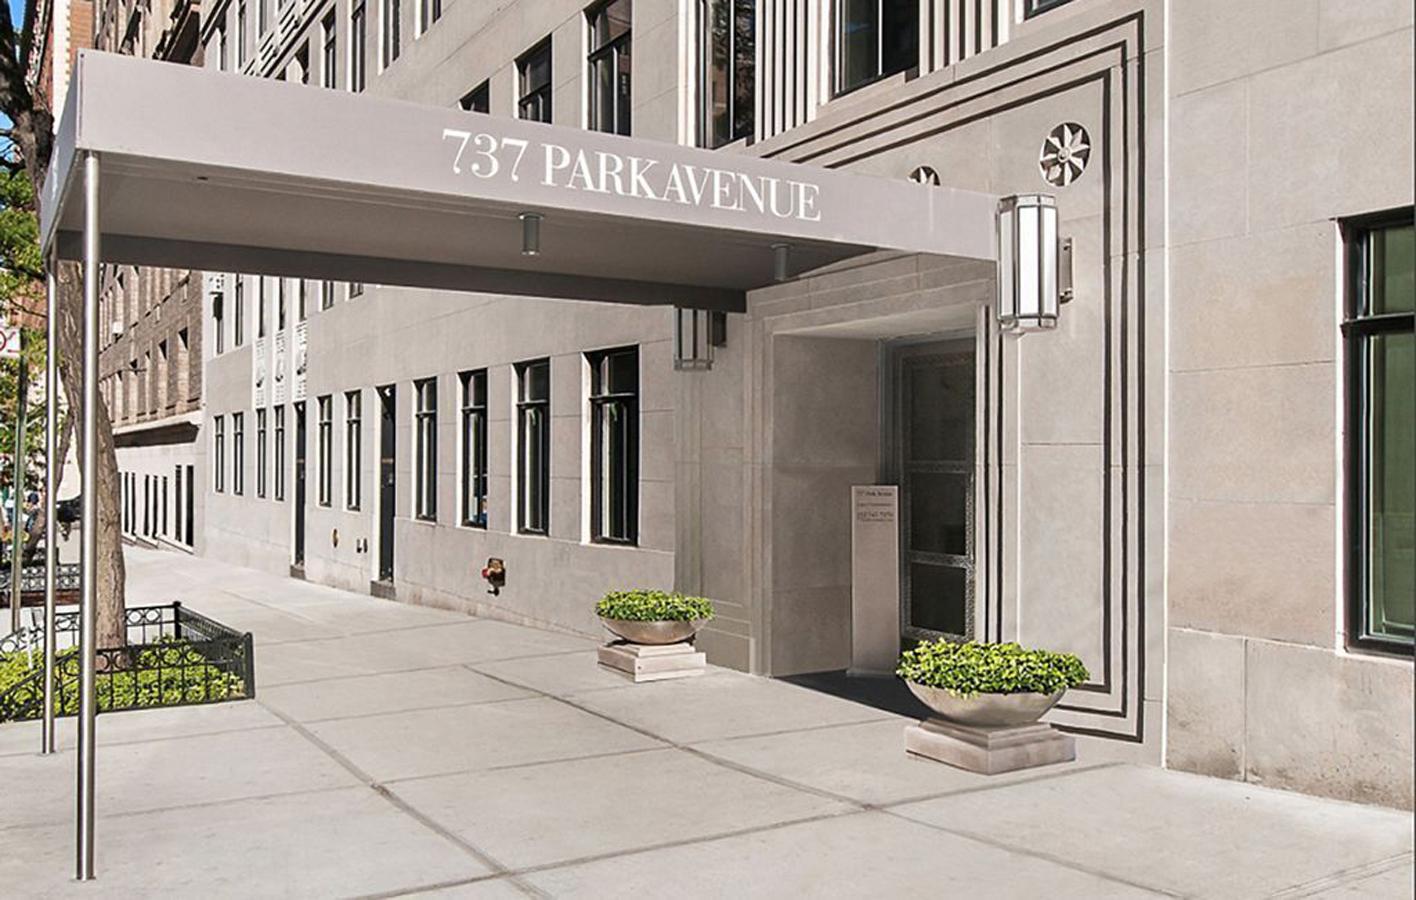 737 Park Avenue